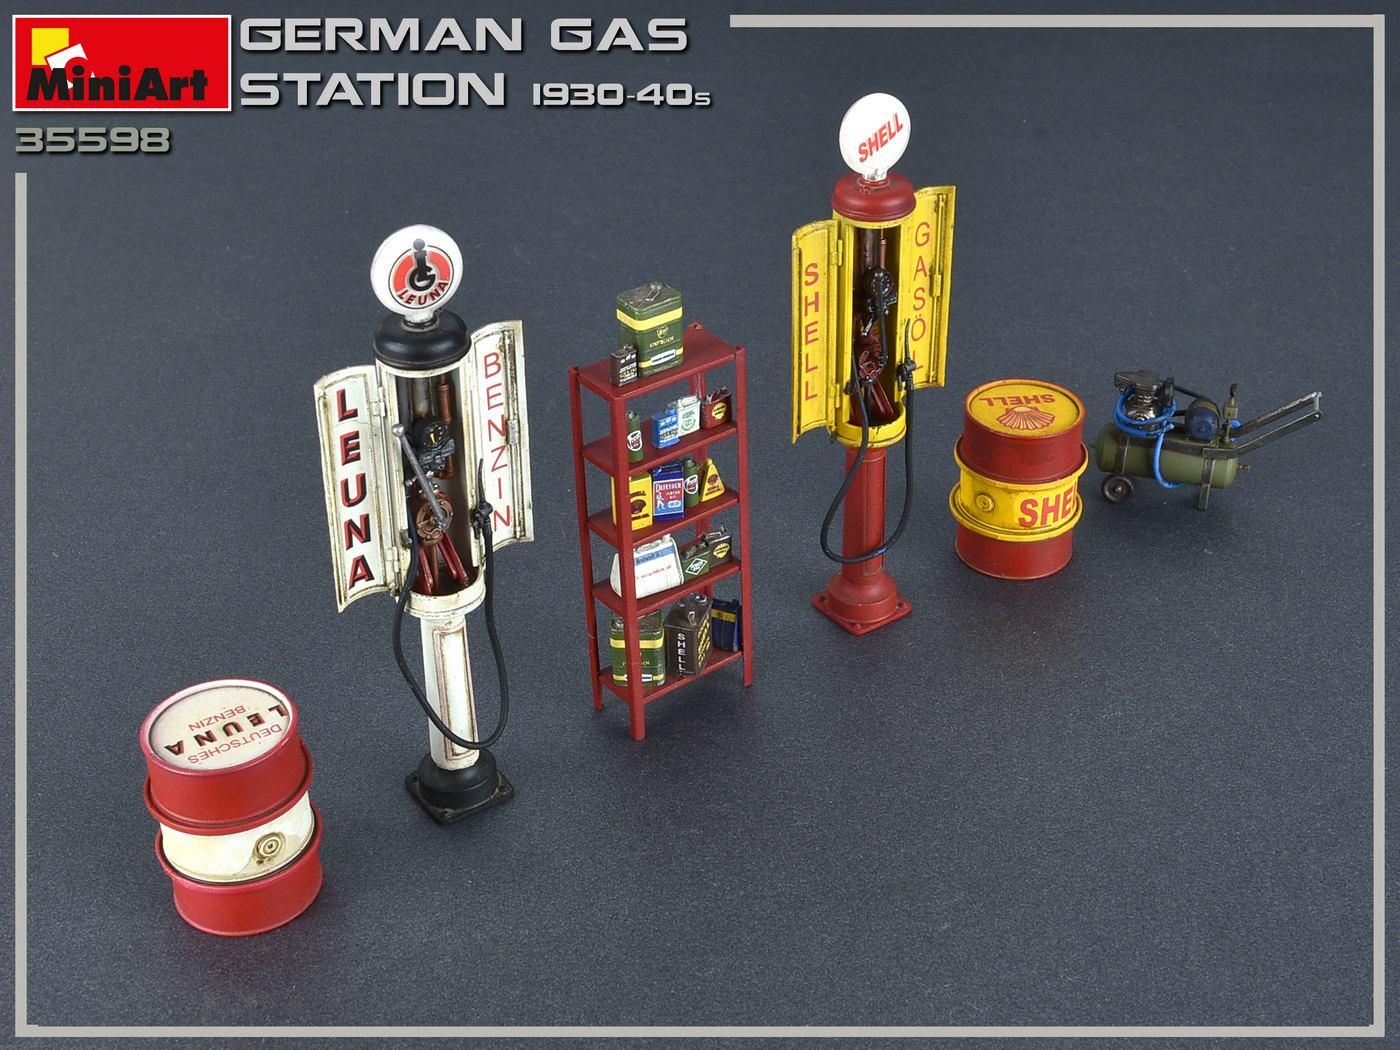 Deutsche Tankstelle ca 30er Jahre Bausatz MiniArt,1:35,OVP,35598,HB Epoche II